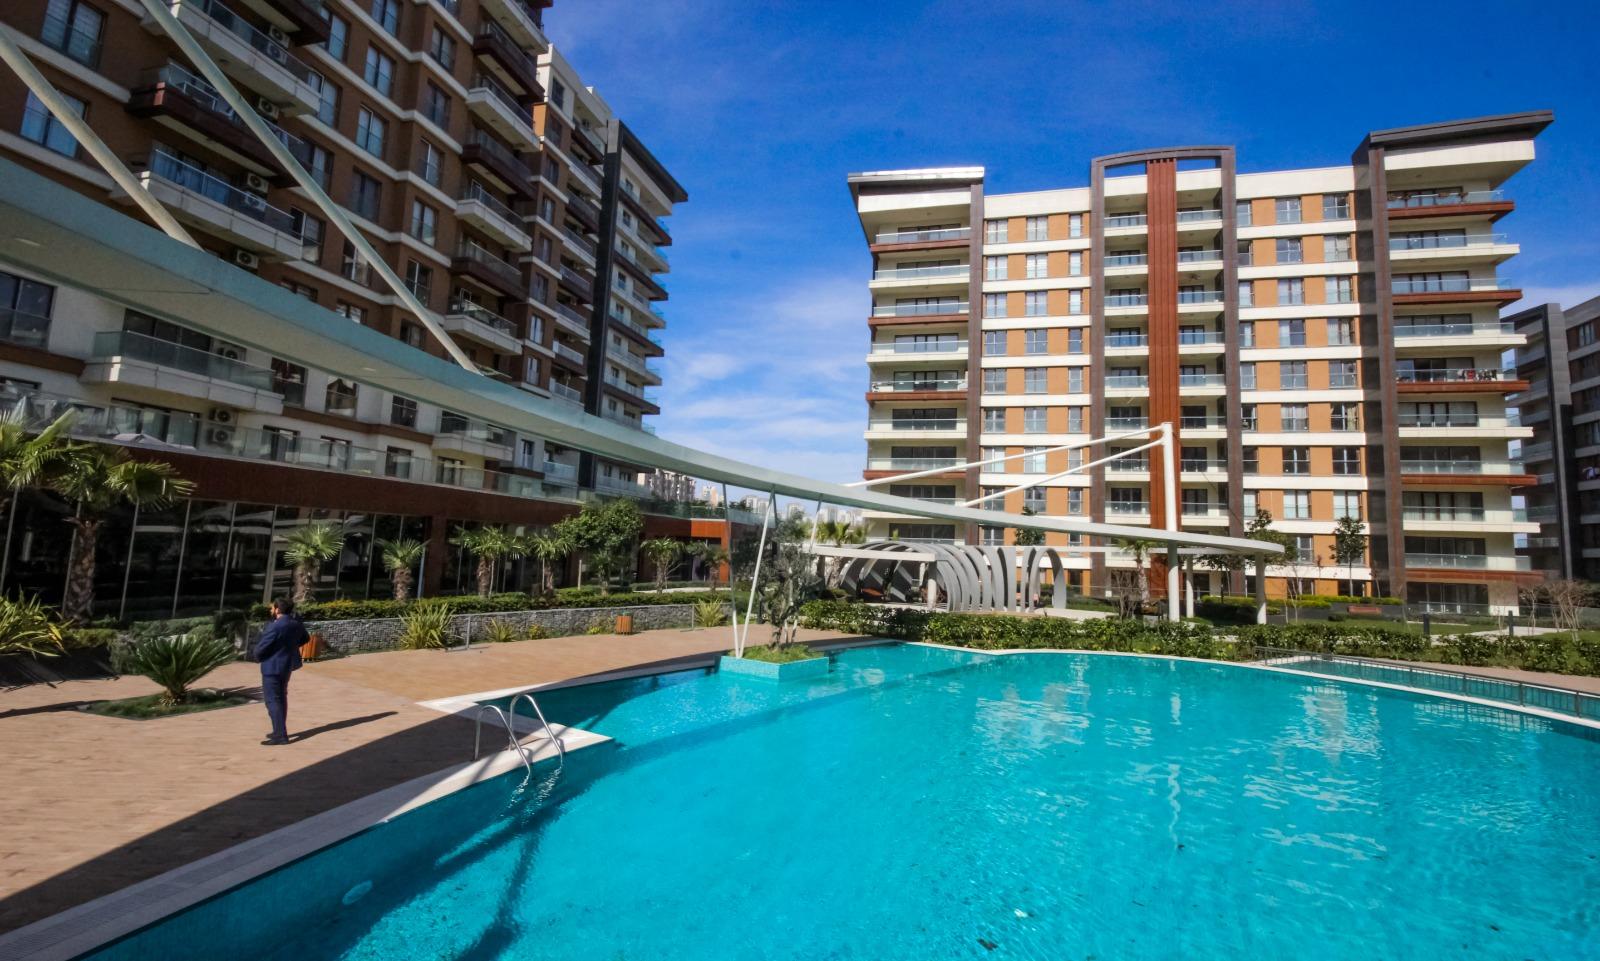 Апартаменты в жилом комплексе Стамбула - Фото 13